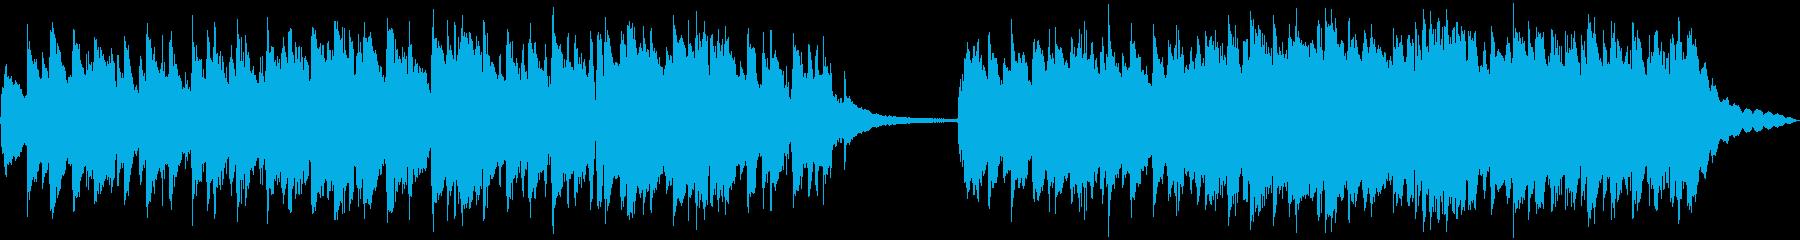 アコースティック楽器。さわやかなゆ...の再生済みの波形